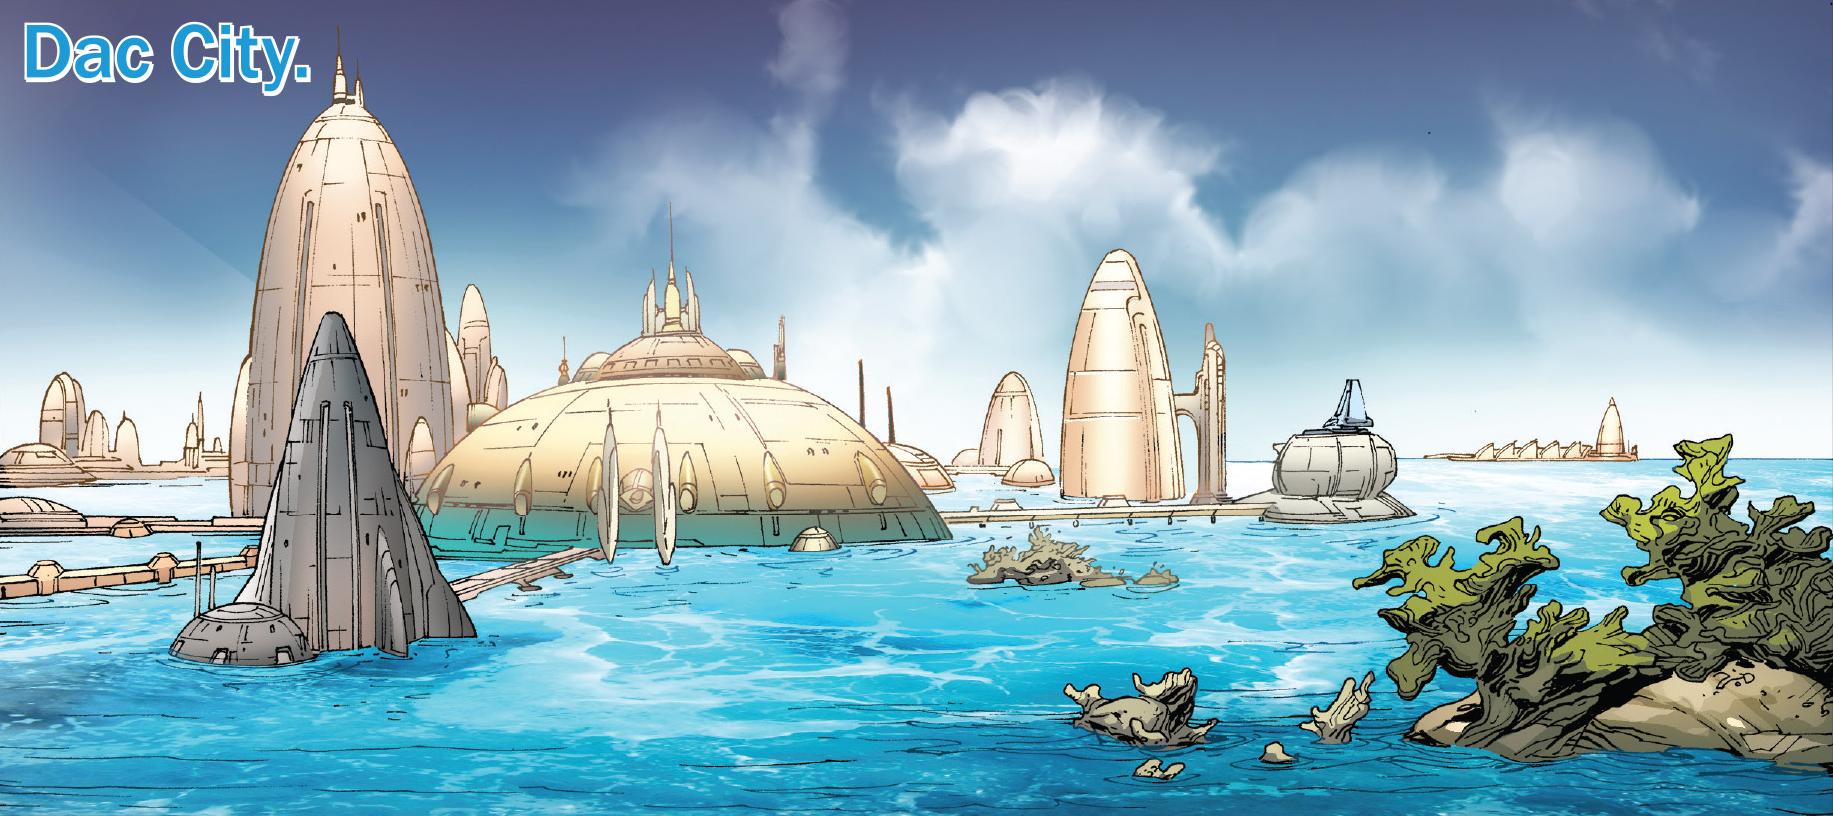 Pin Von Alejandro Ramirez Ojeda Auf Spaceships Futuristische Stadt